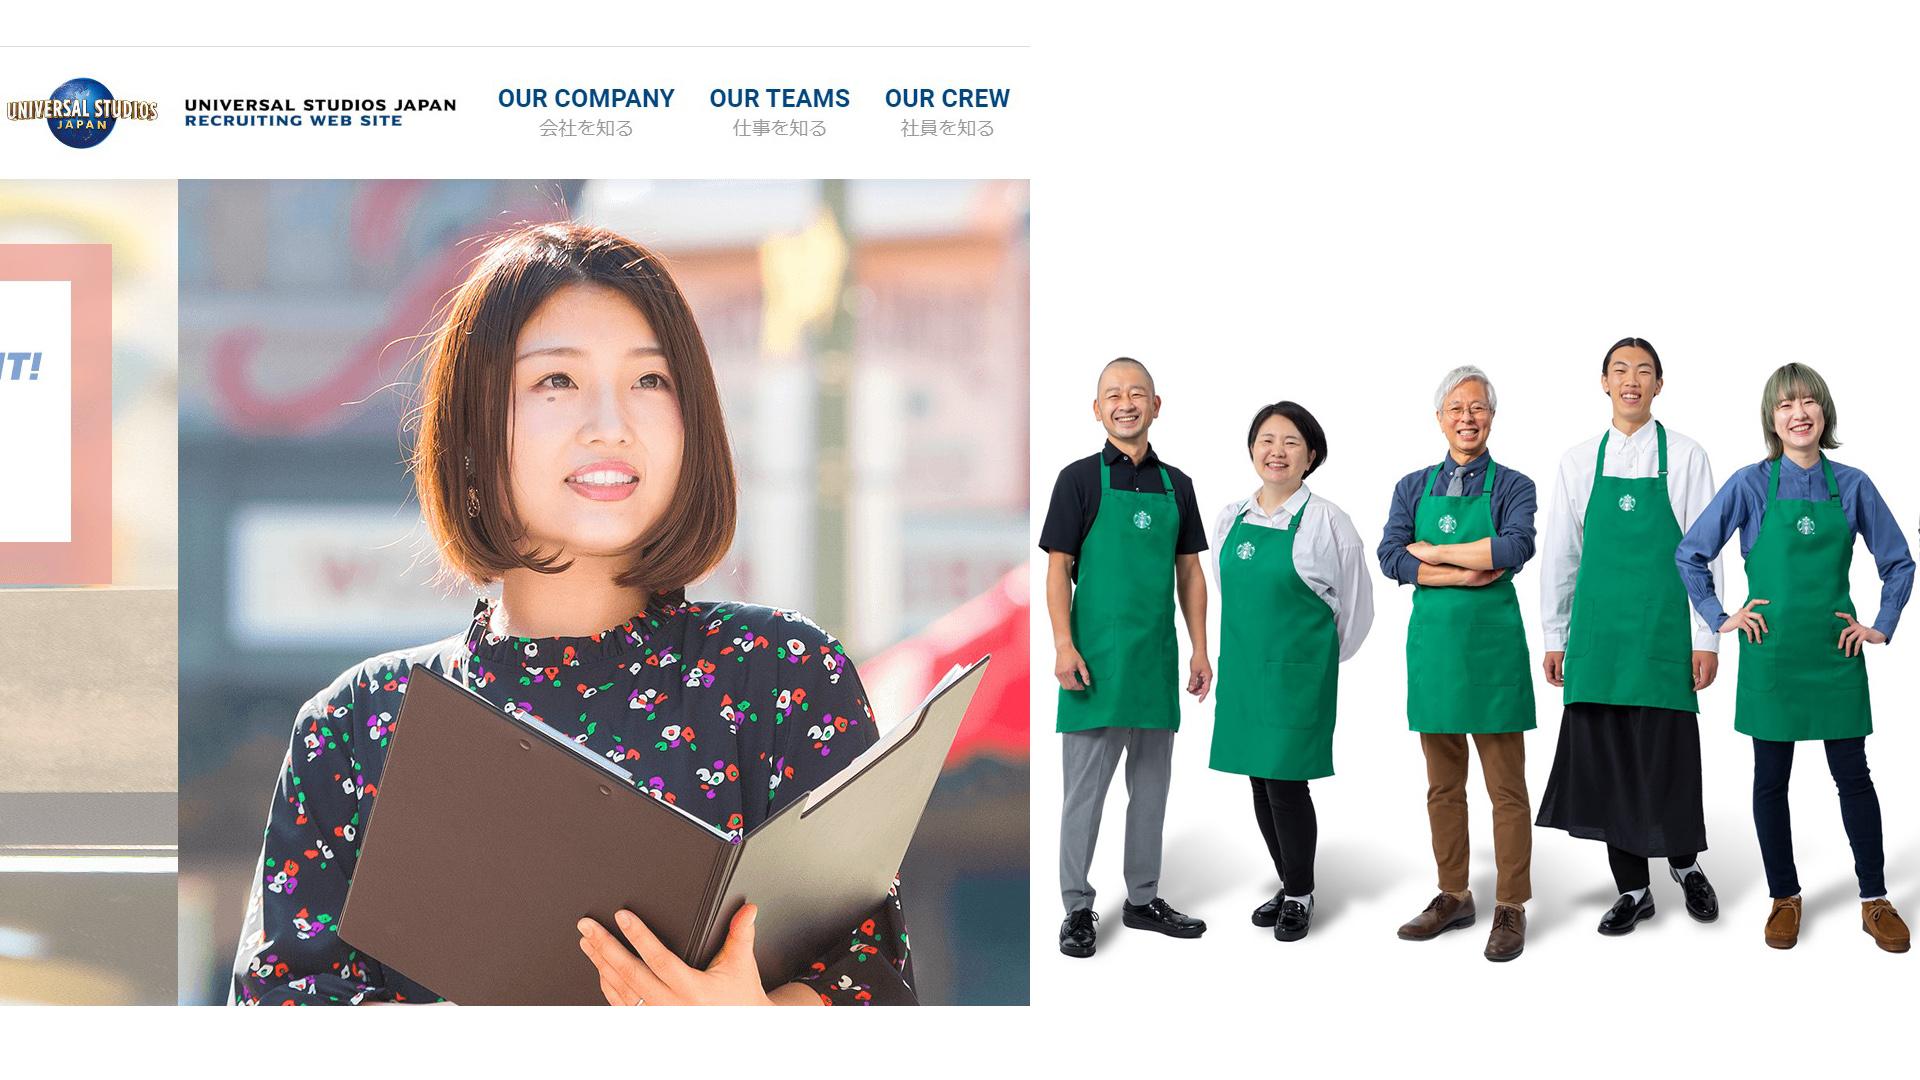 打造性別友善職場做自己!日本環球影城與星巴克接連放寬服儀規定